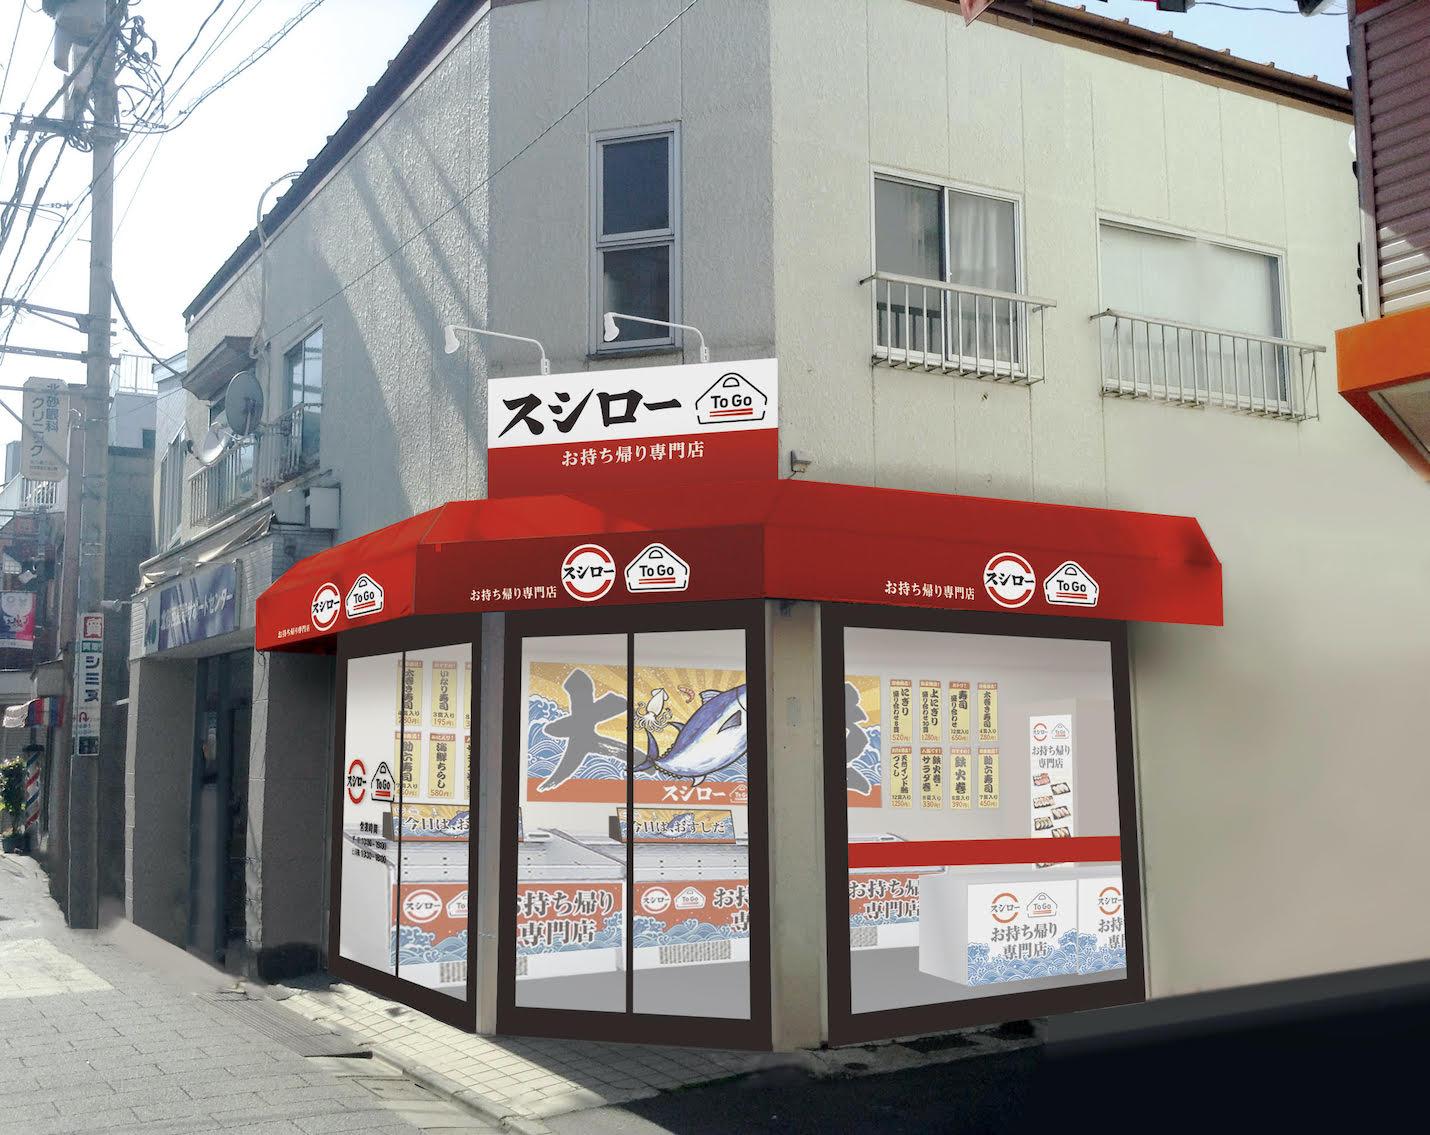 スシロー To Go 砂町銀座店